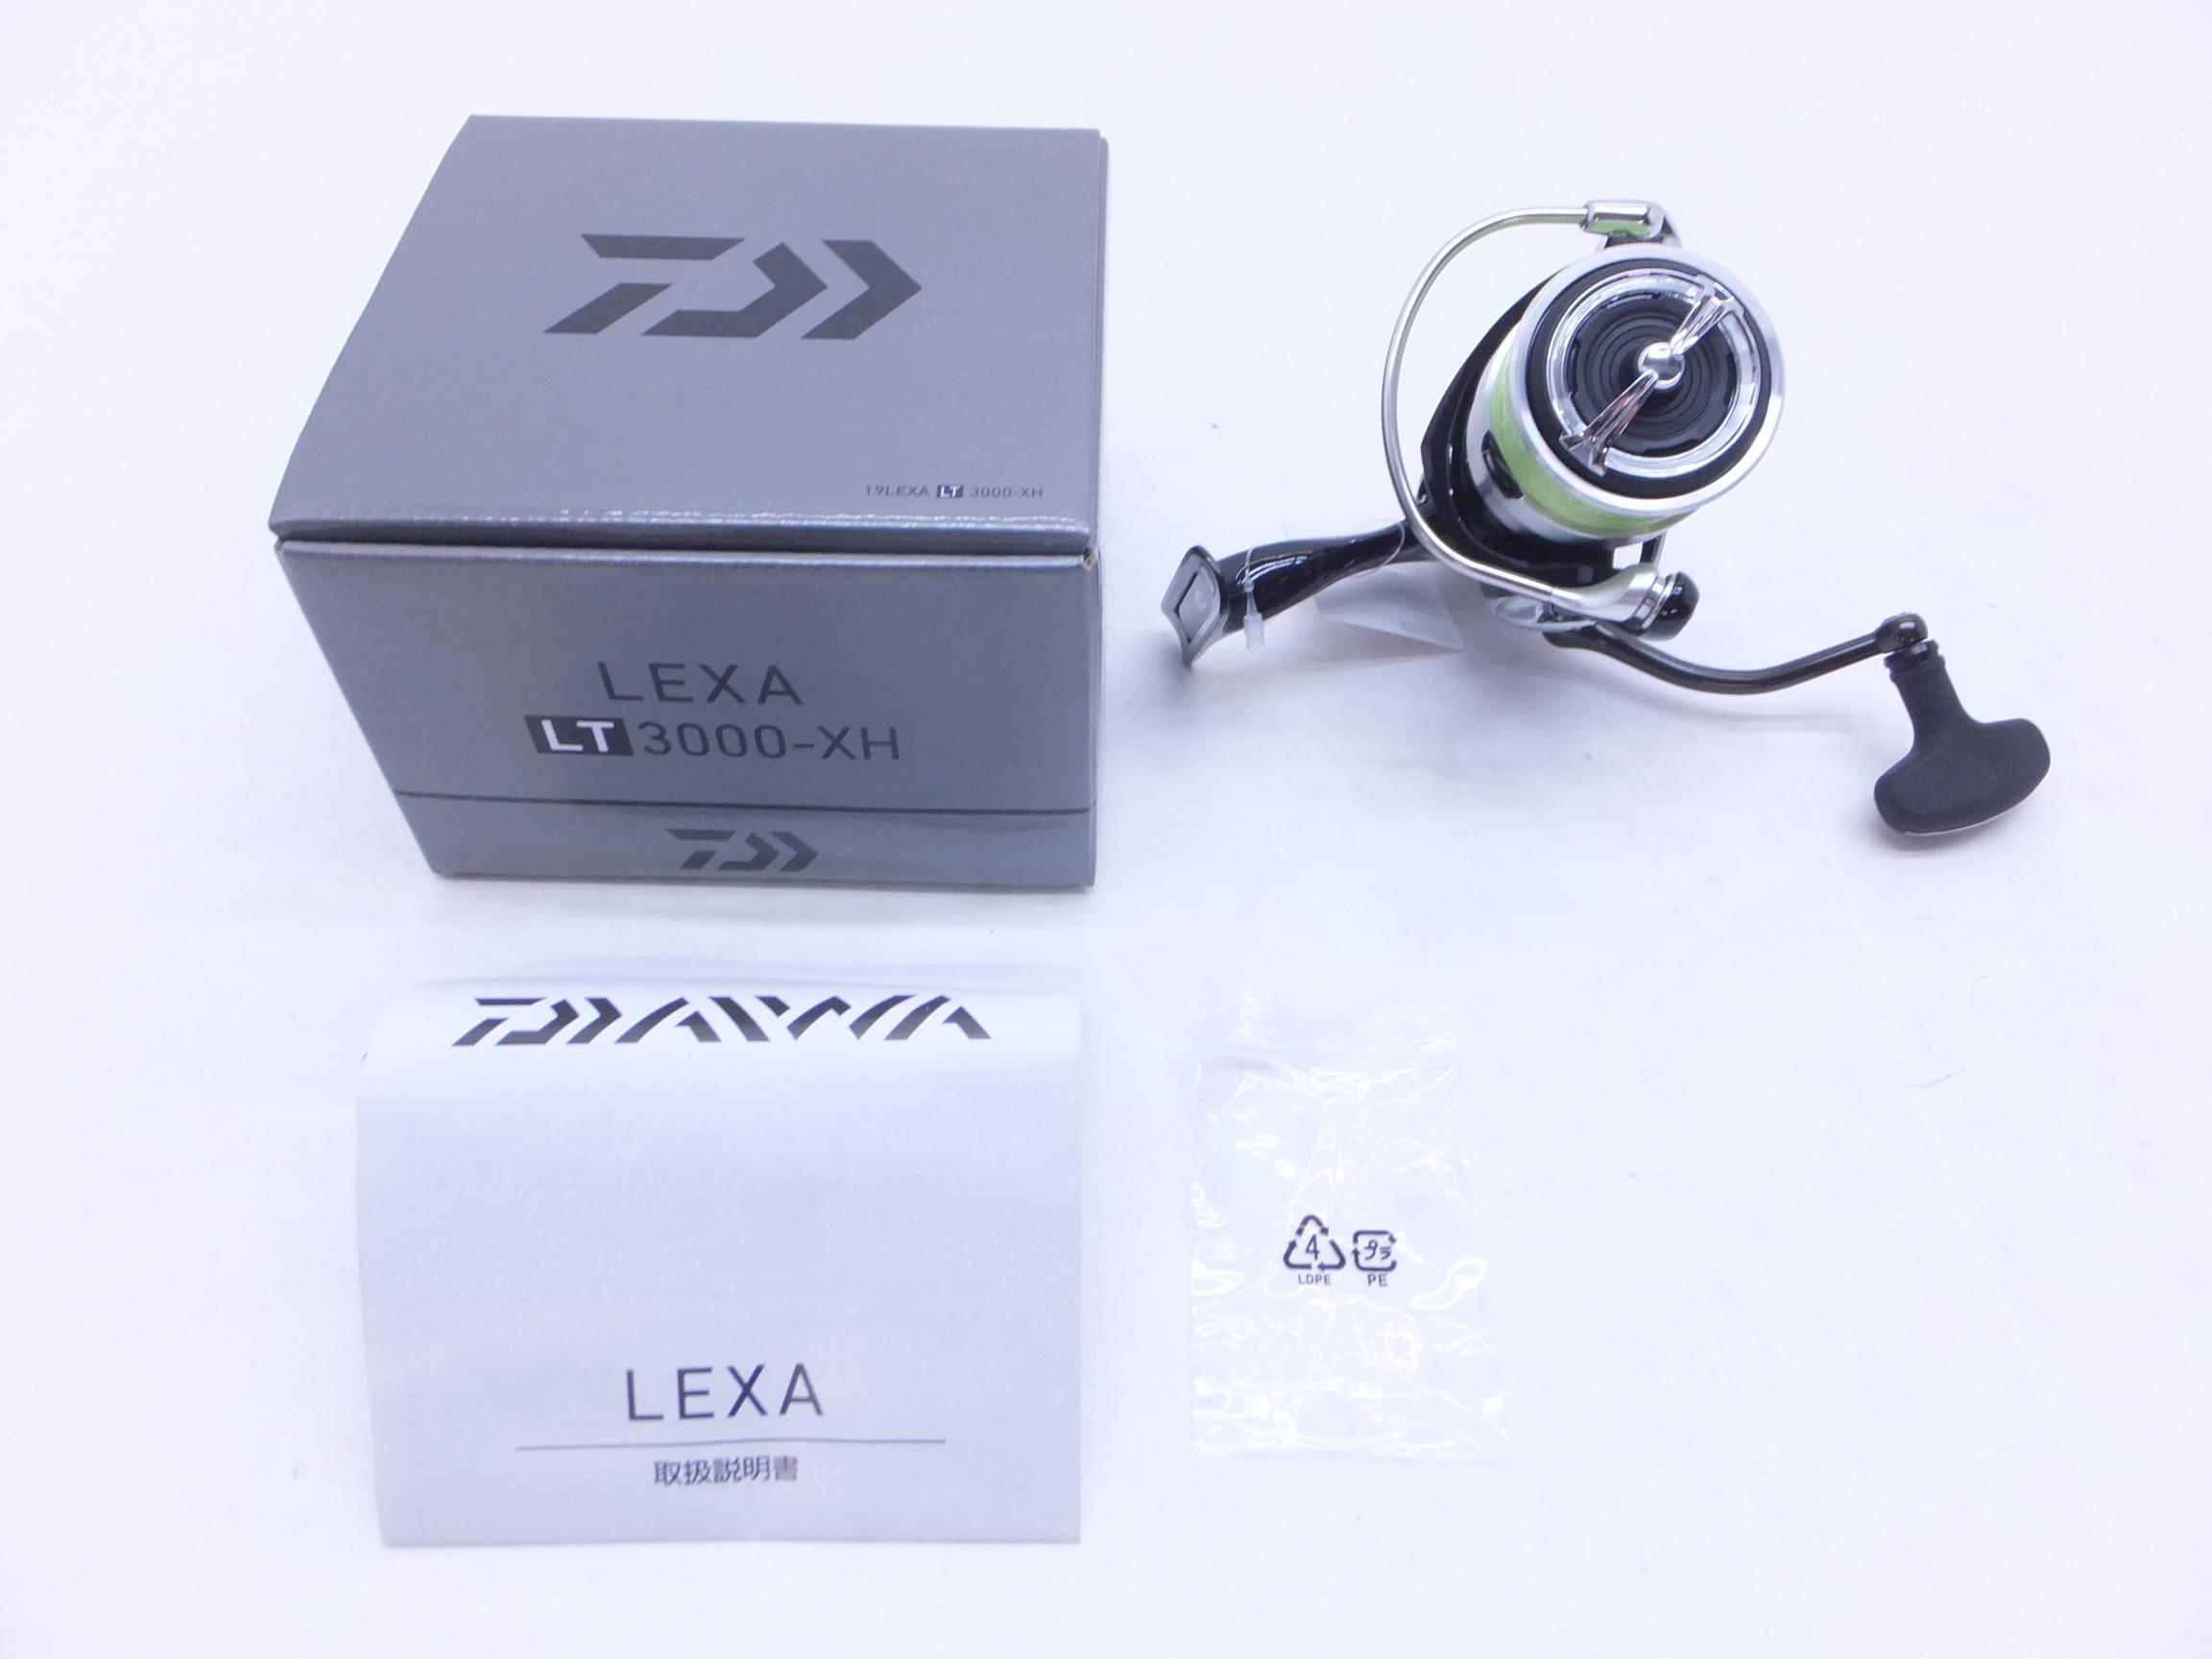 ダイワ レグザ LT3000-XH 公式ショップ 商店 スピニングリール 送料無料 6400361Kz 2019